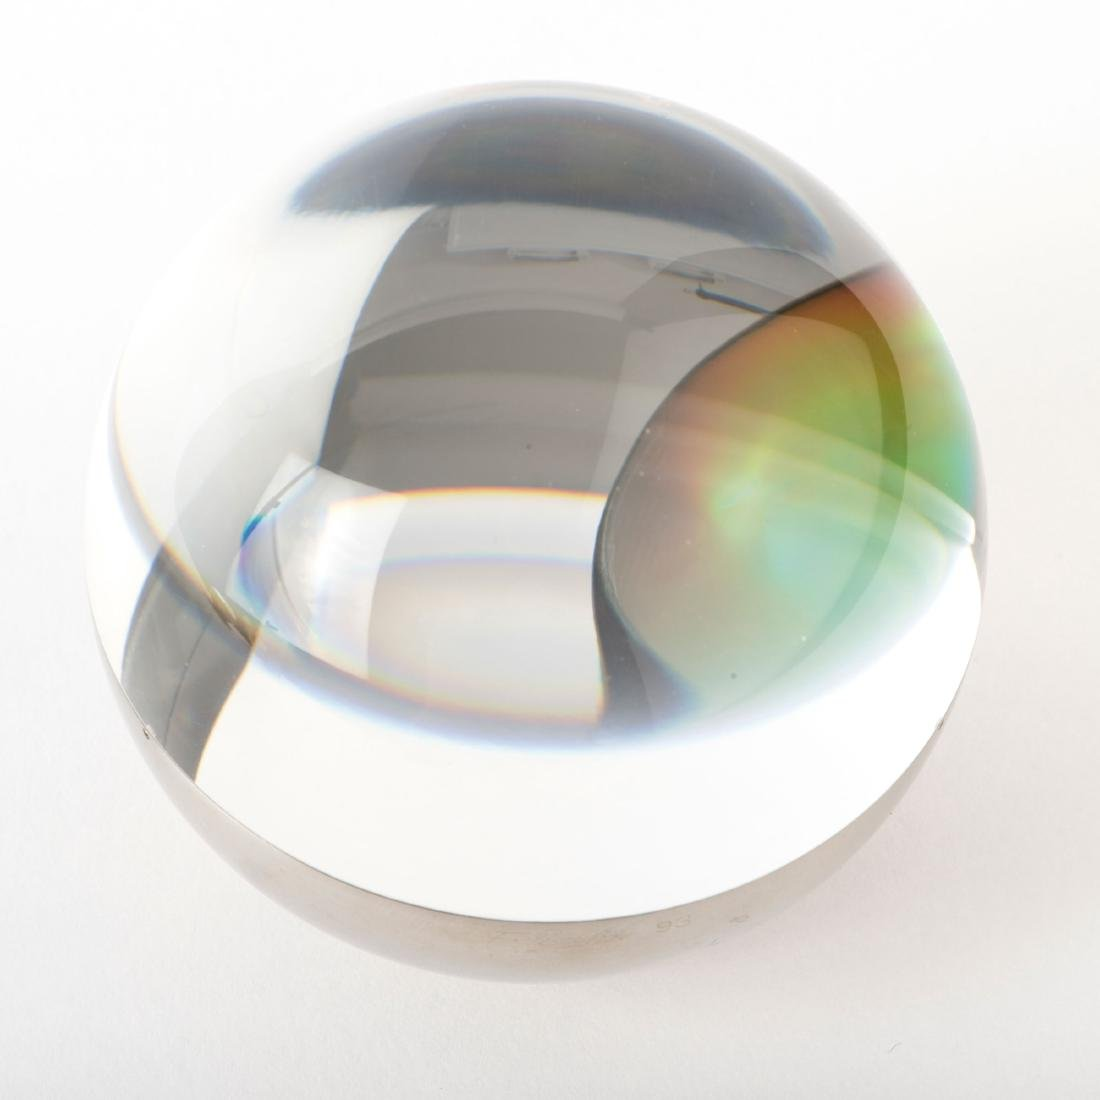 Kinetic object, 1993 - 2